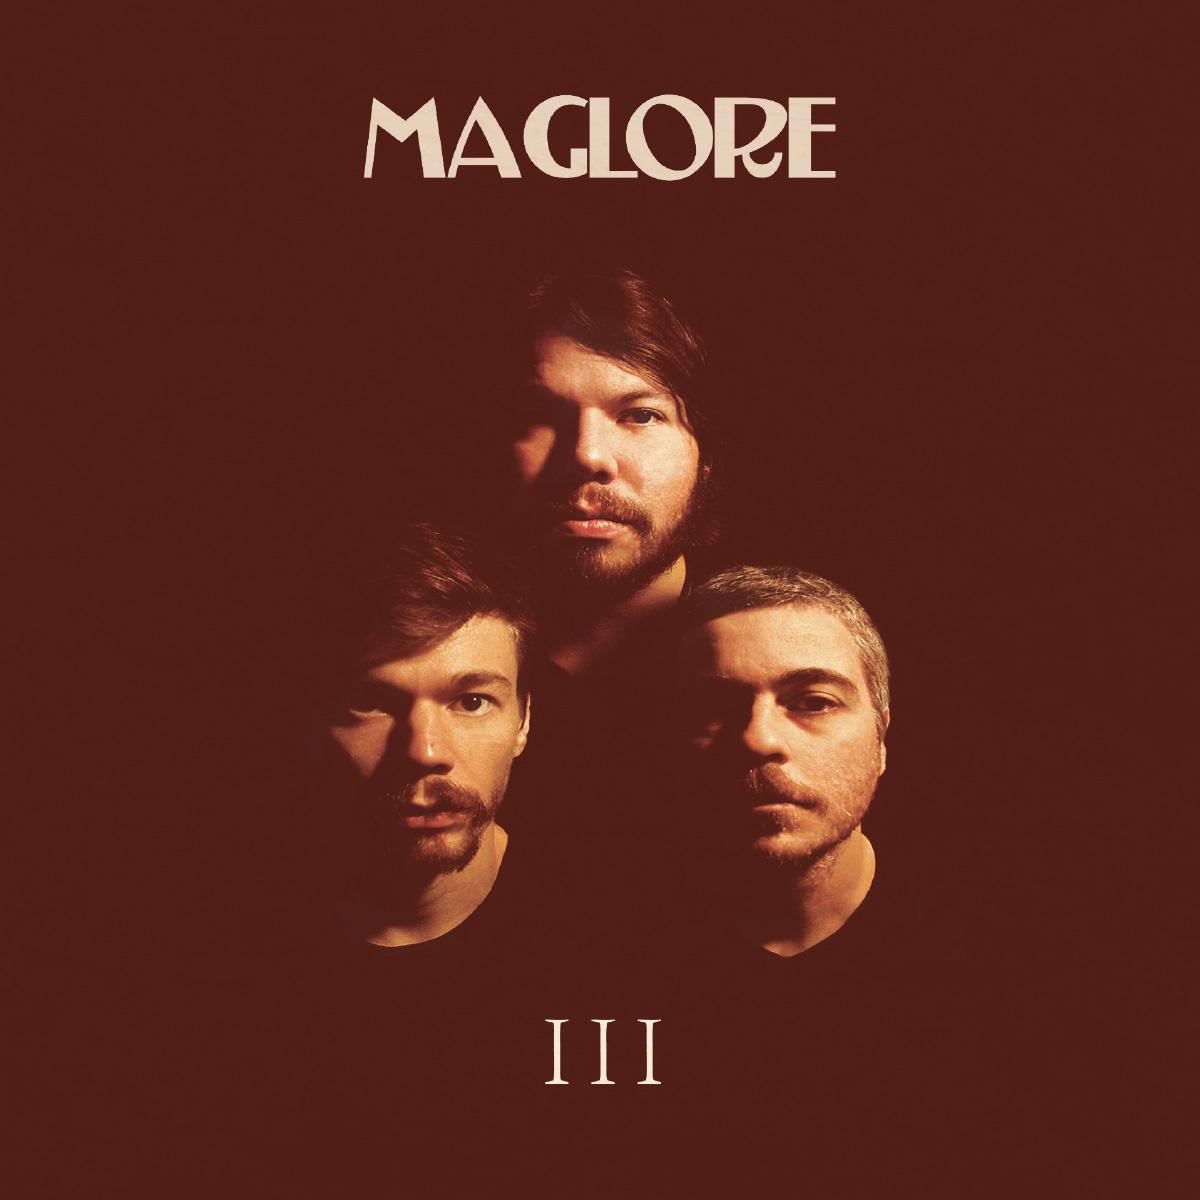 LP Maglore III